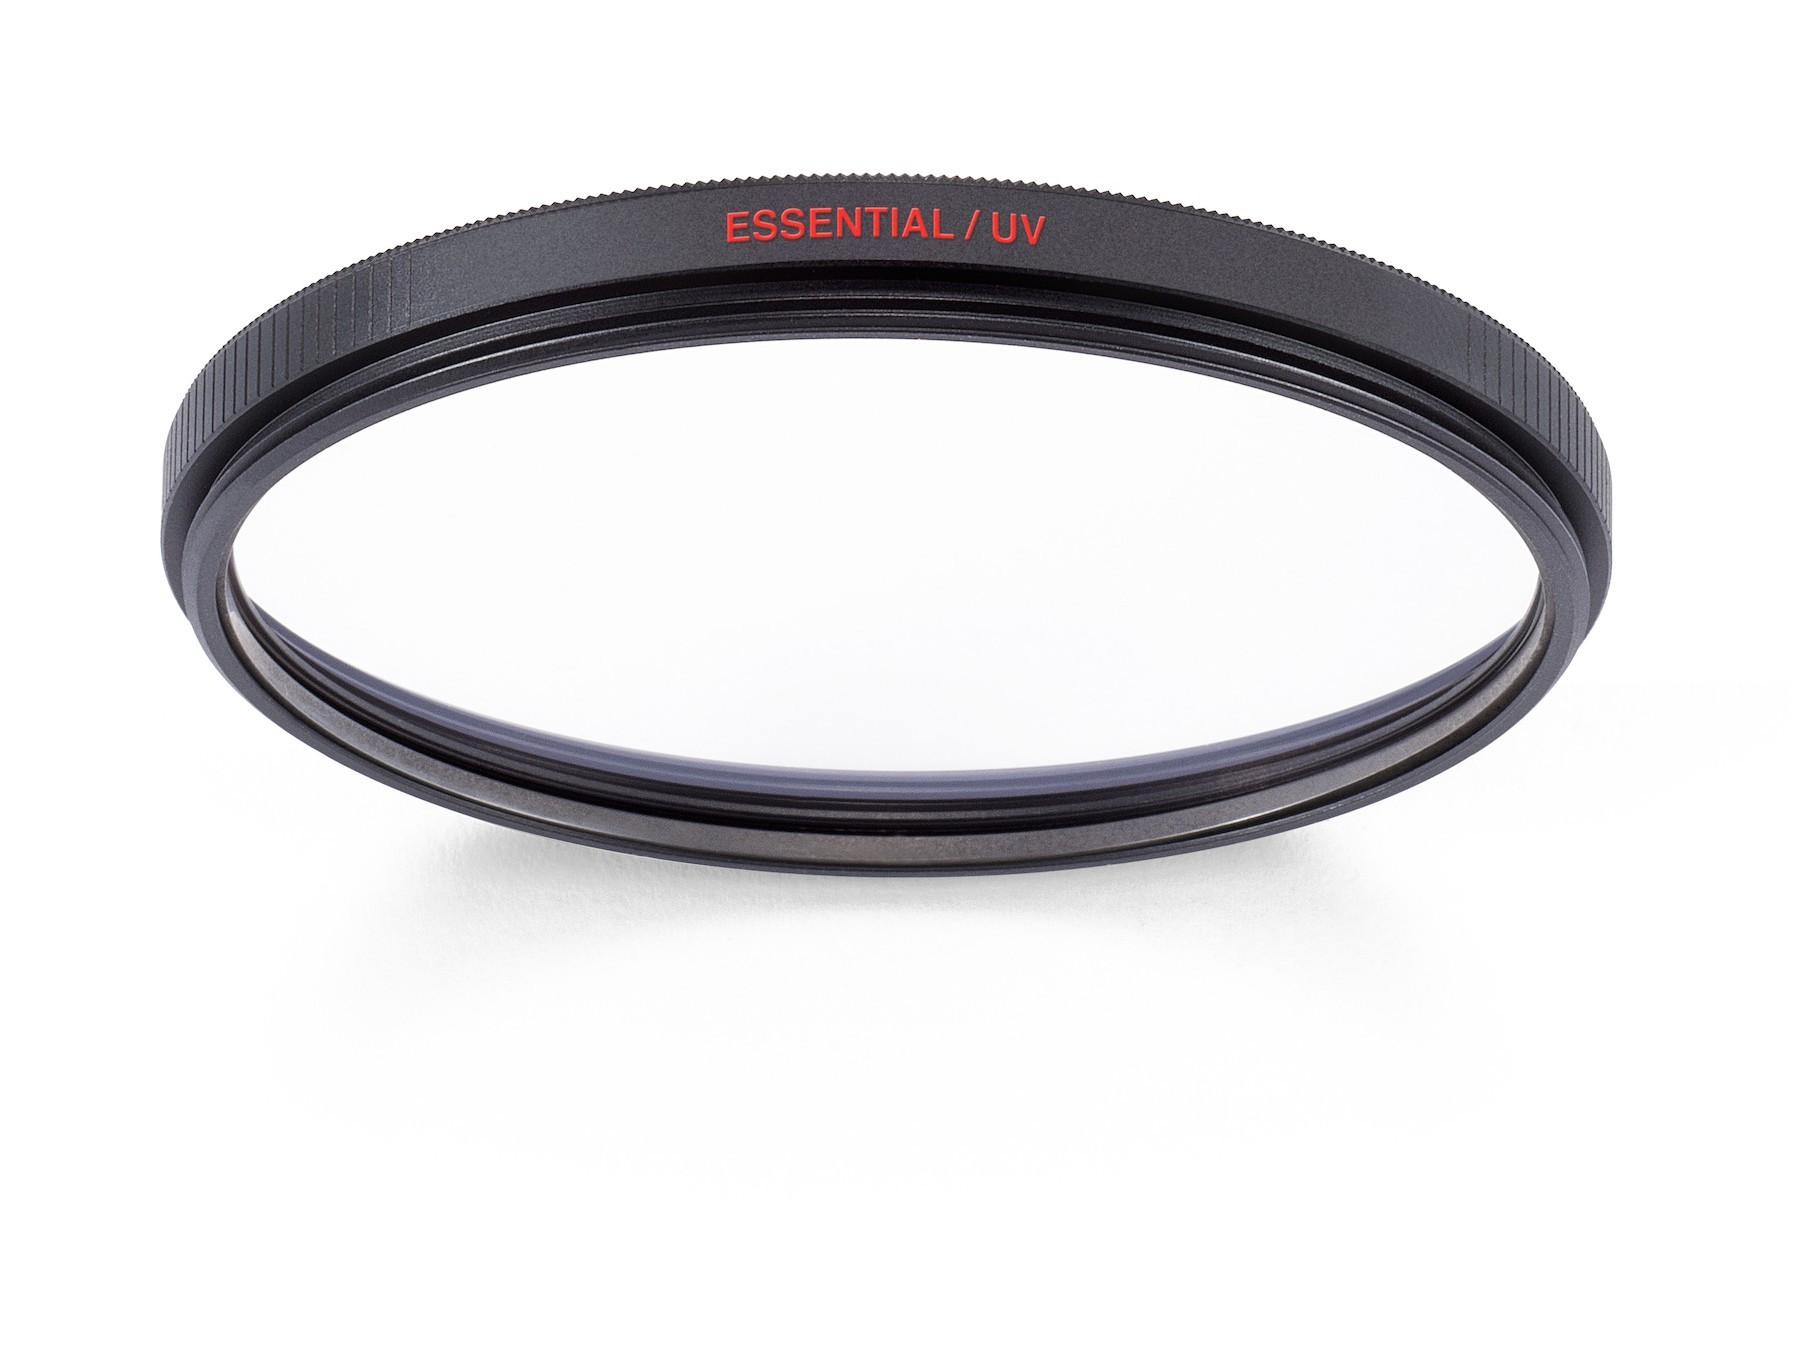 Manfrotto Filtro Polarizzatore circolare Essential 77mm